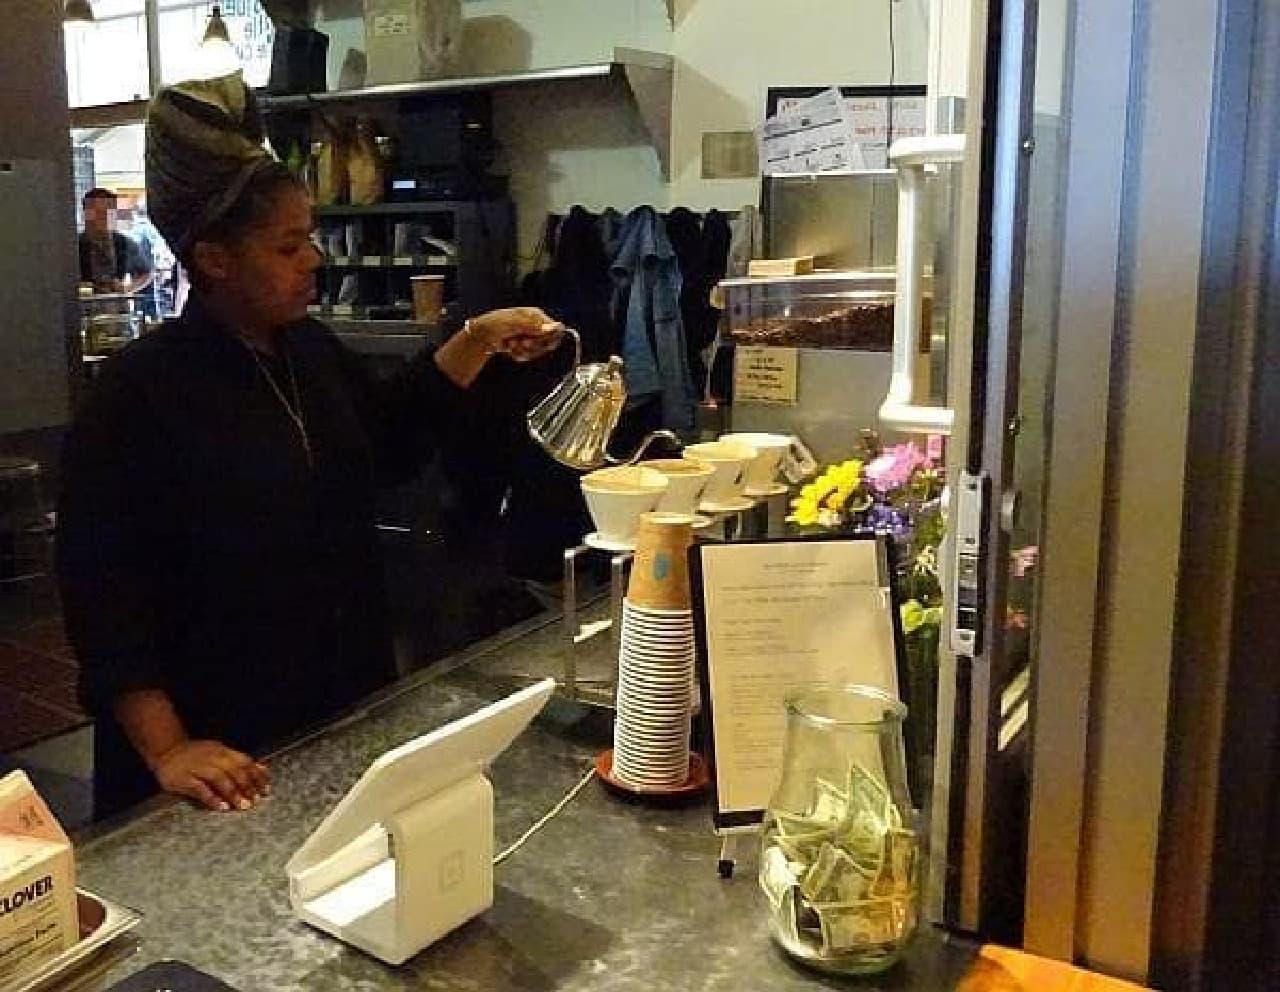 紙フィルターを使い、コーヒーを一杯一杯丁寧に淹れる女性  作り置きは一切しないそうです